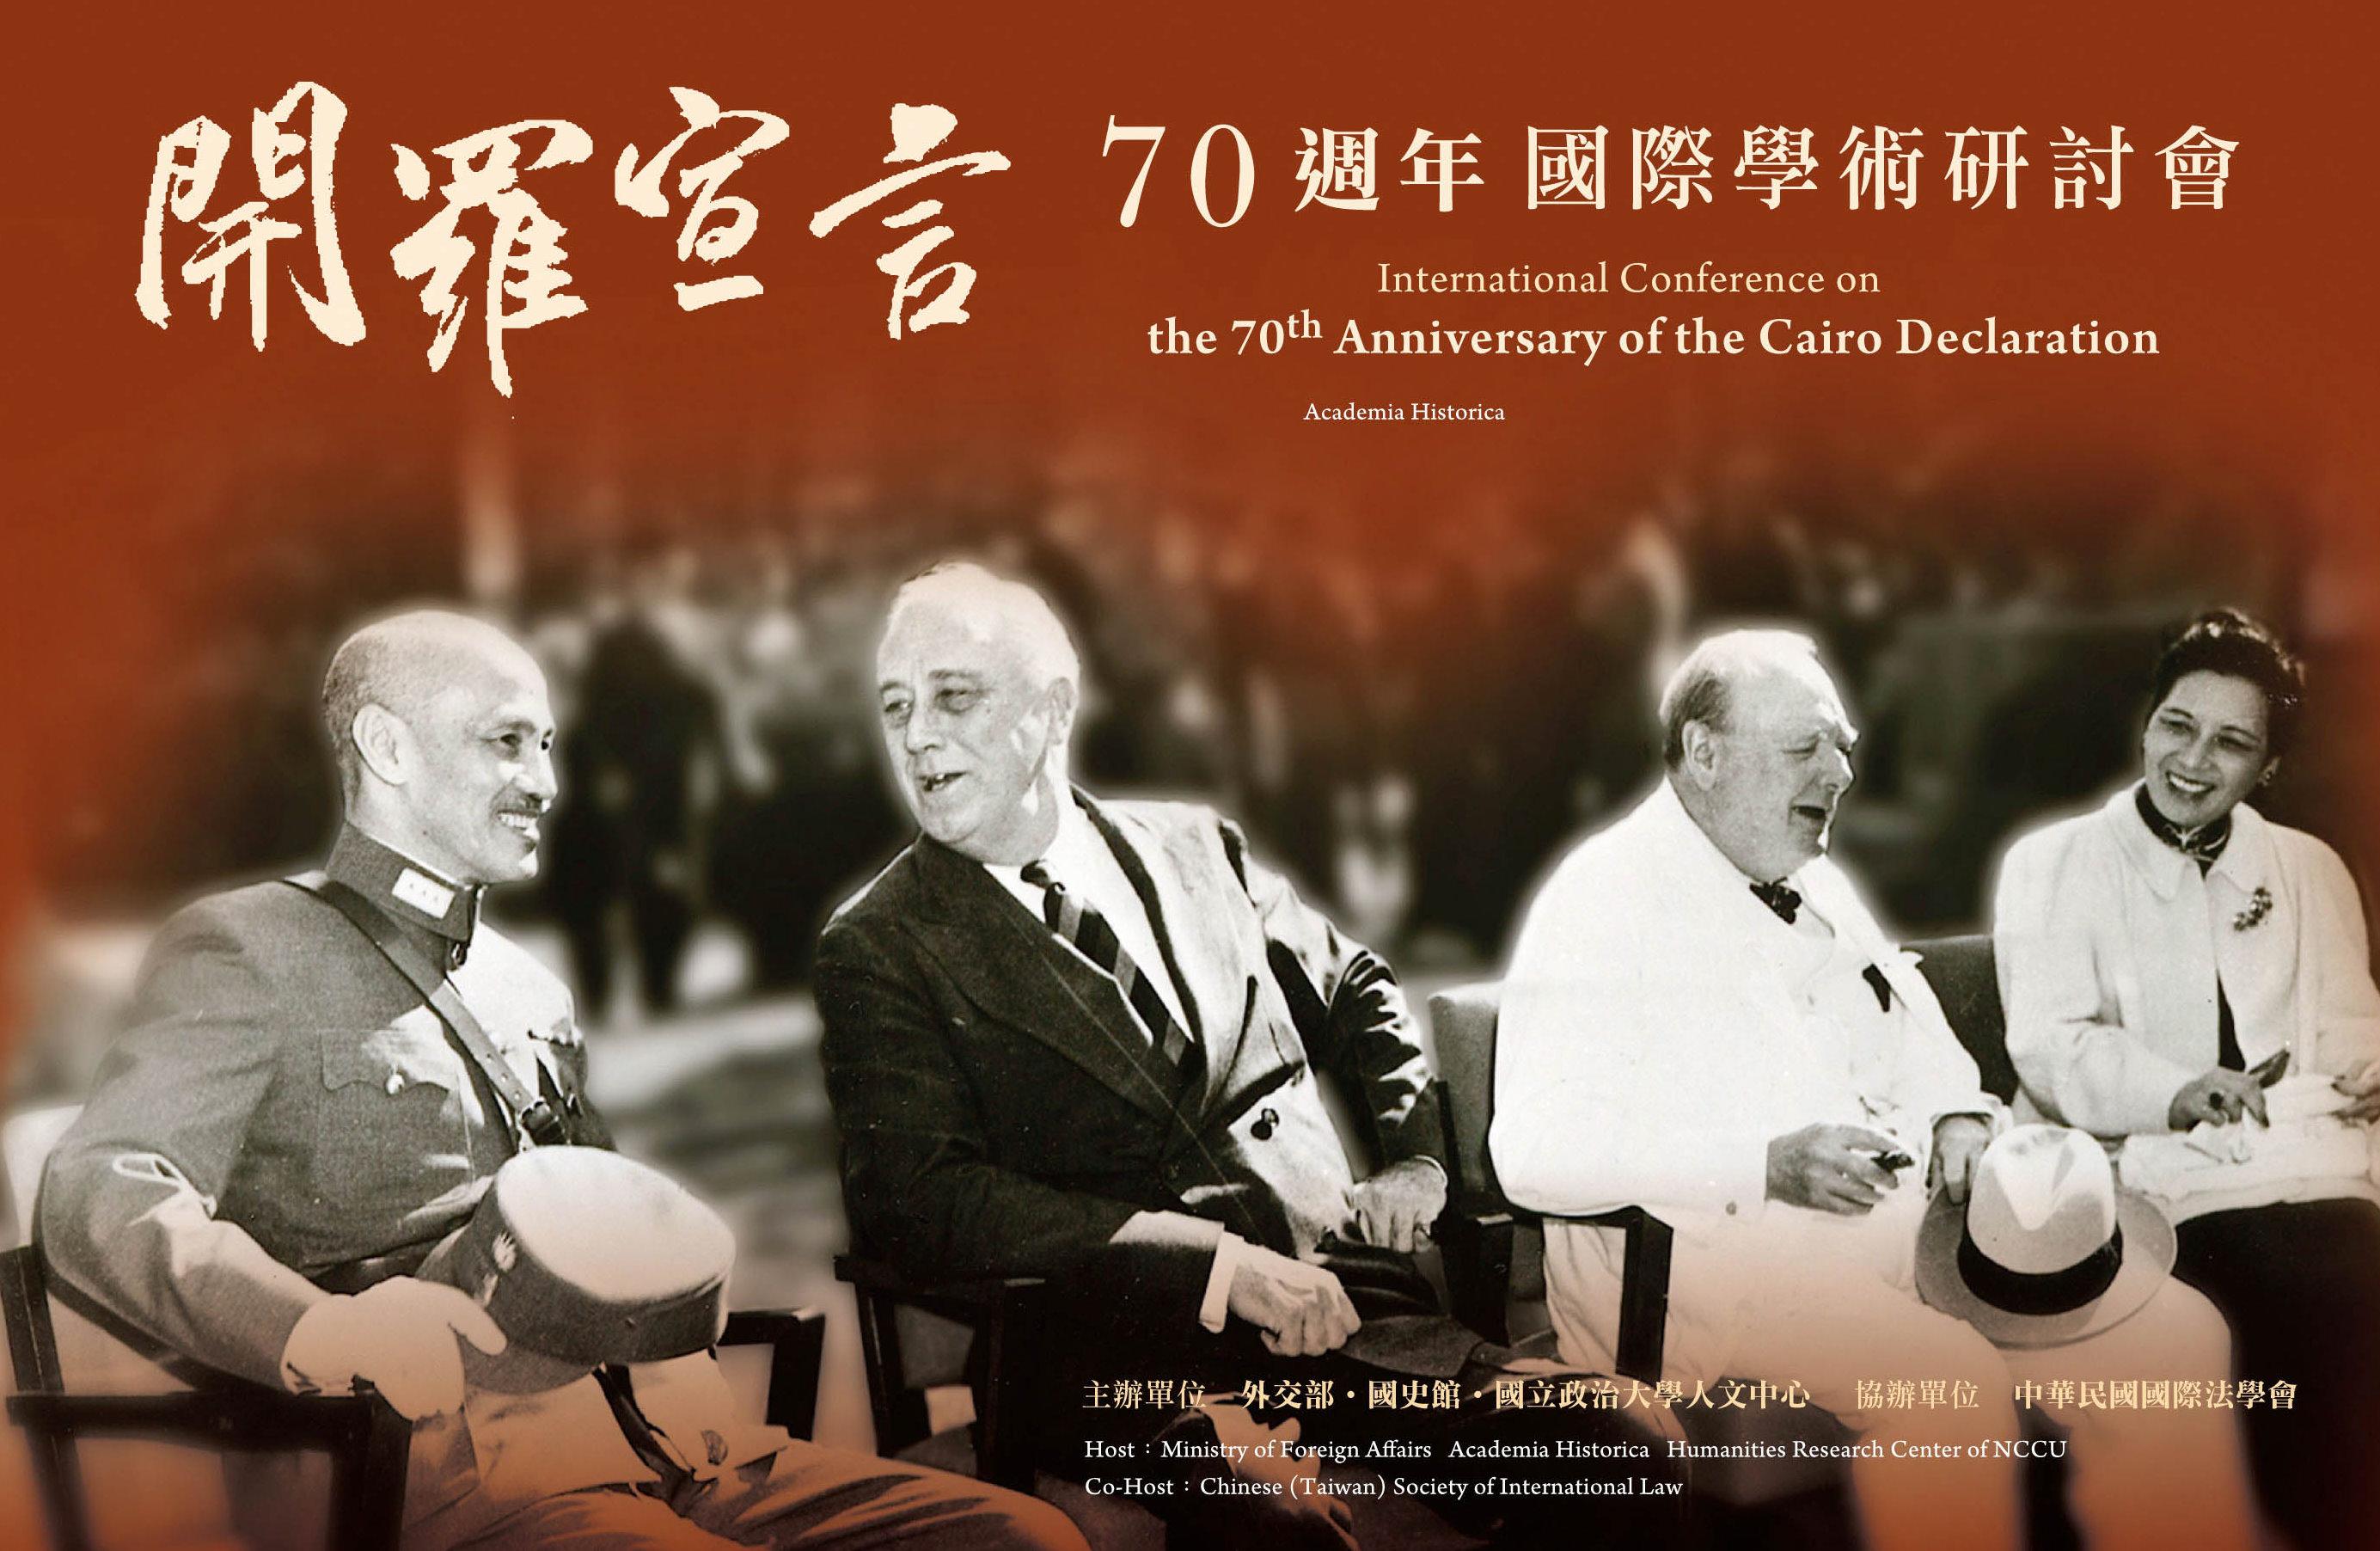 开罗宣言70年 人文中心举办研讨会